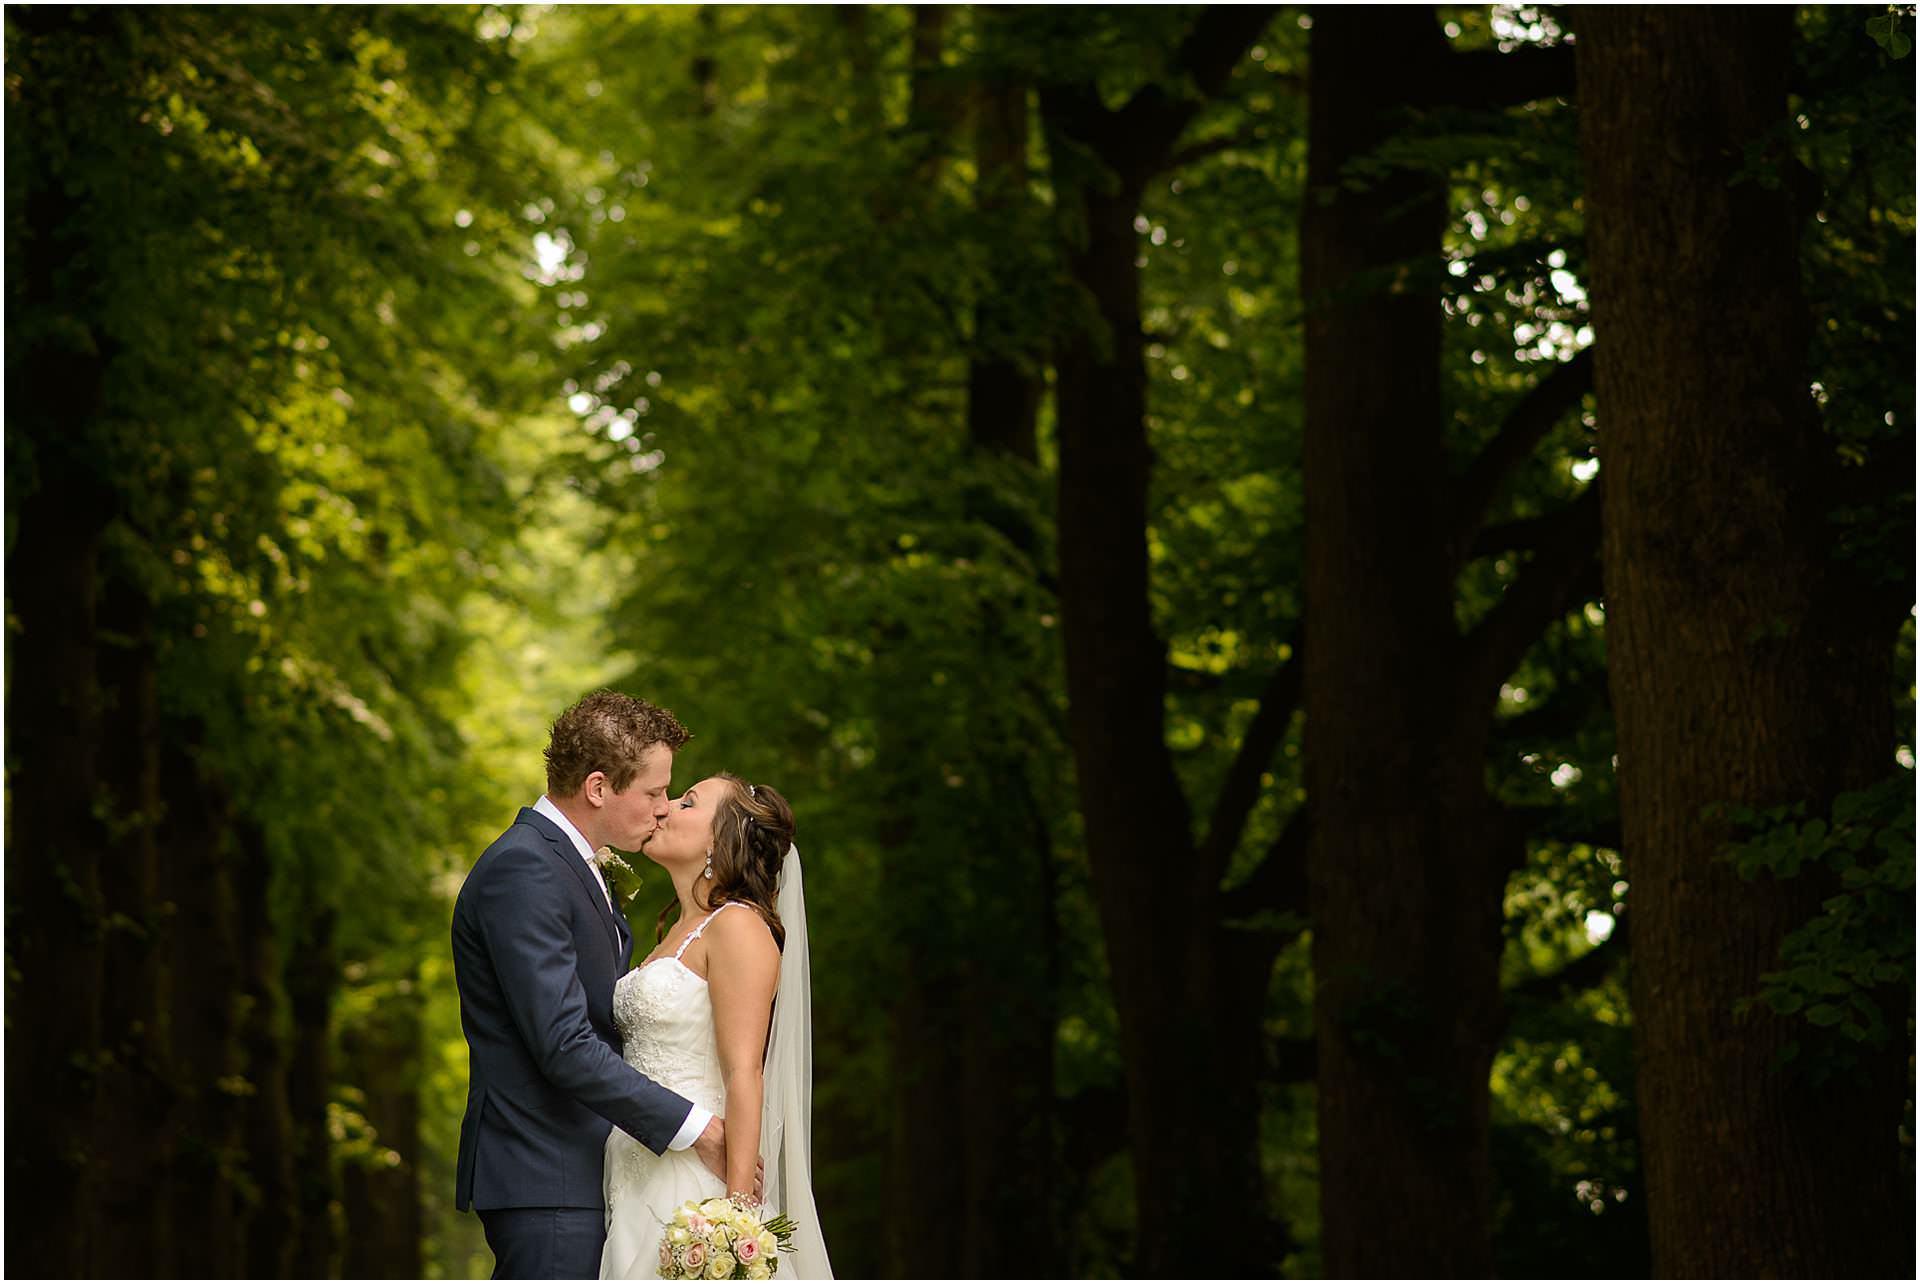 Bruidsfotografie Lithoijen (Oss) trouwen in eigen tuin door bruidsfotograaf Sandy Peters_0024.jpg